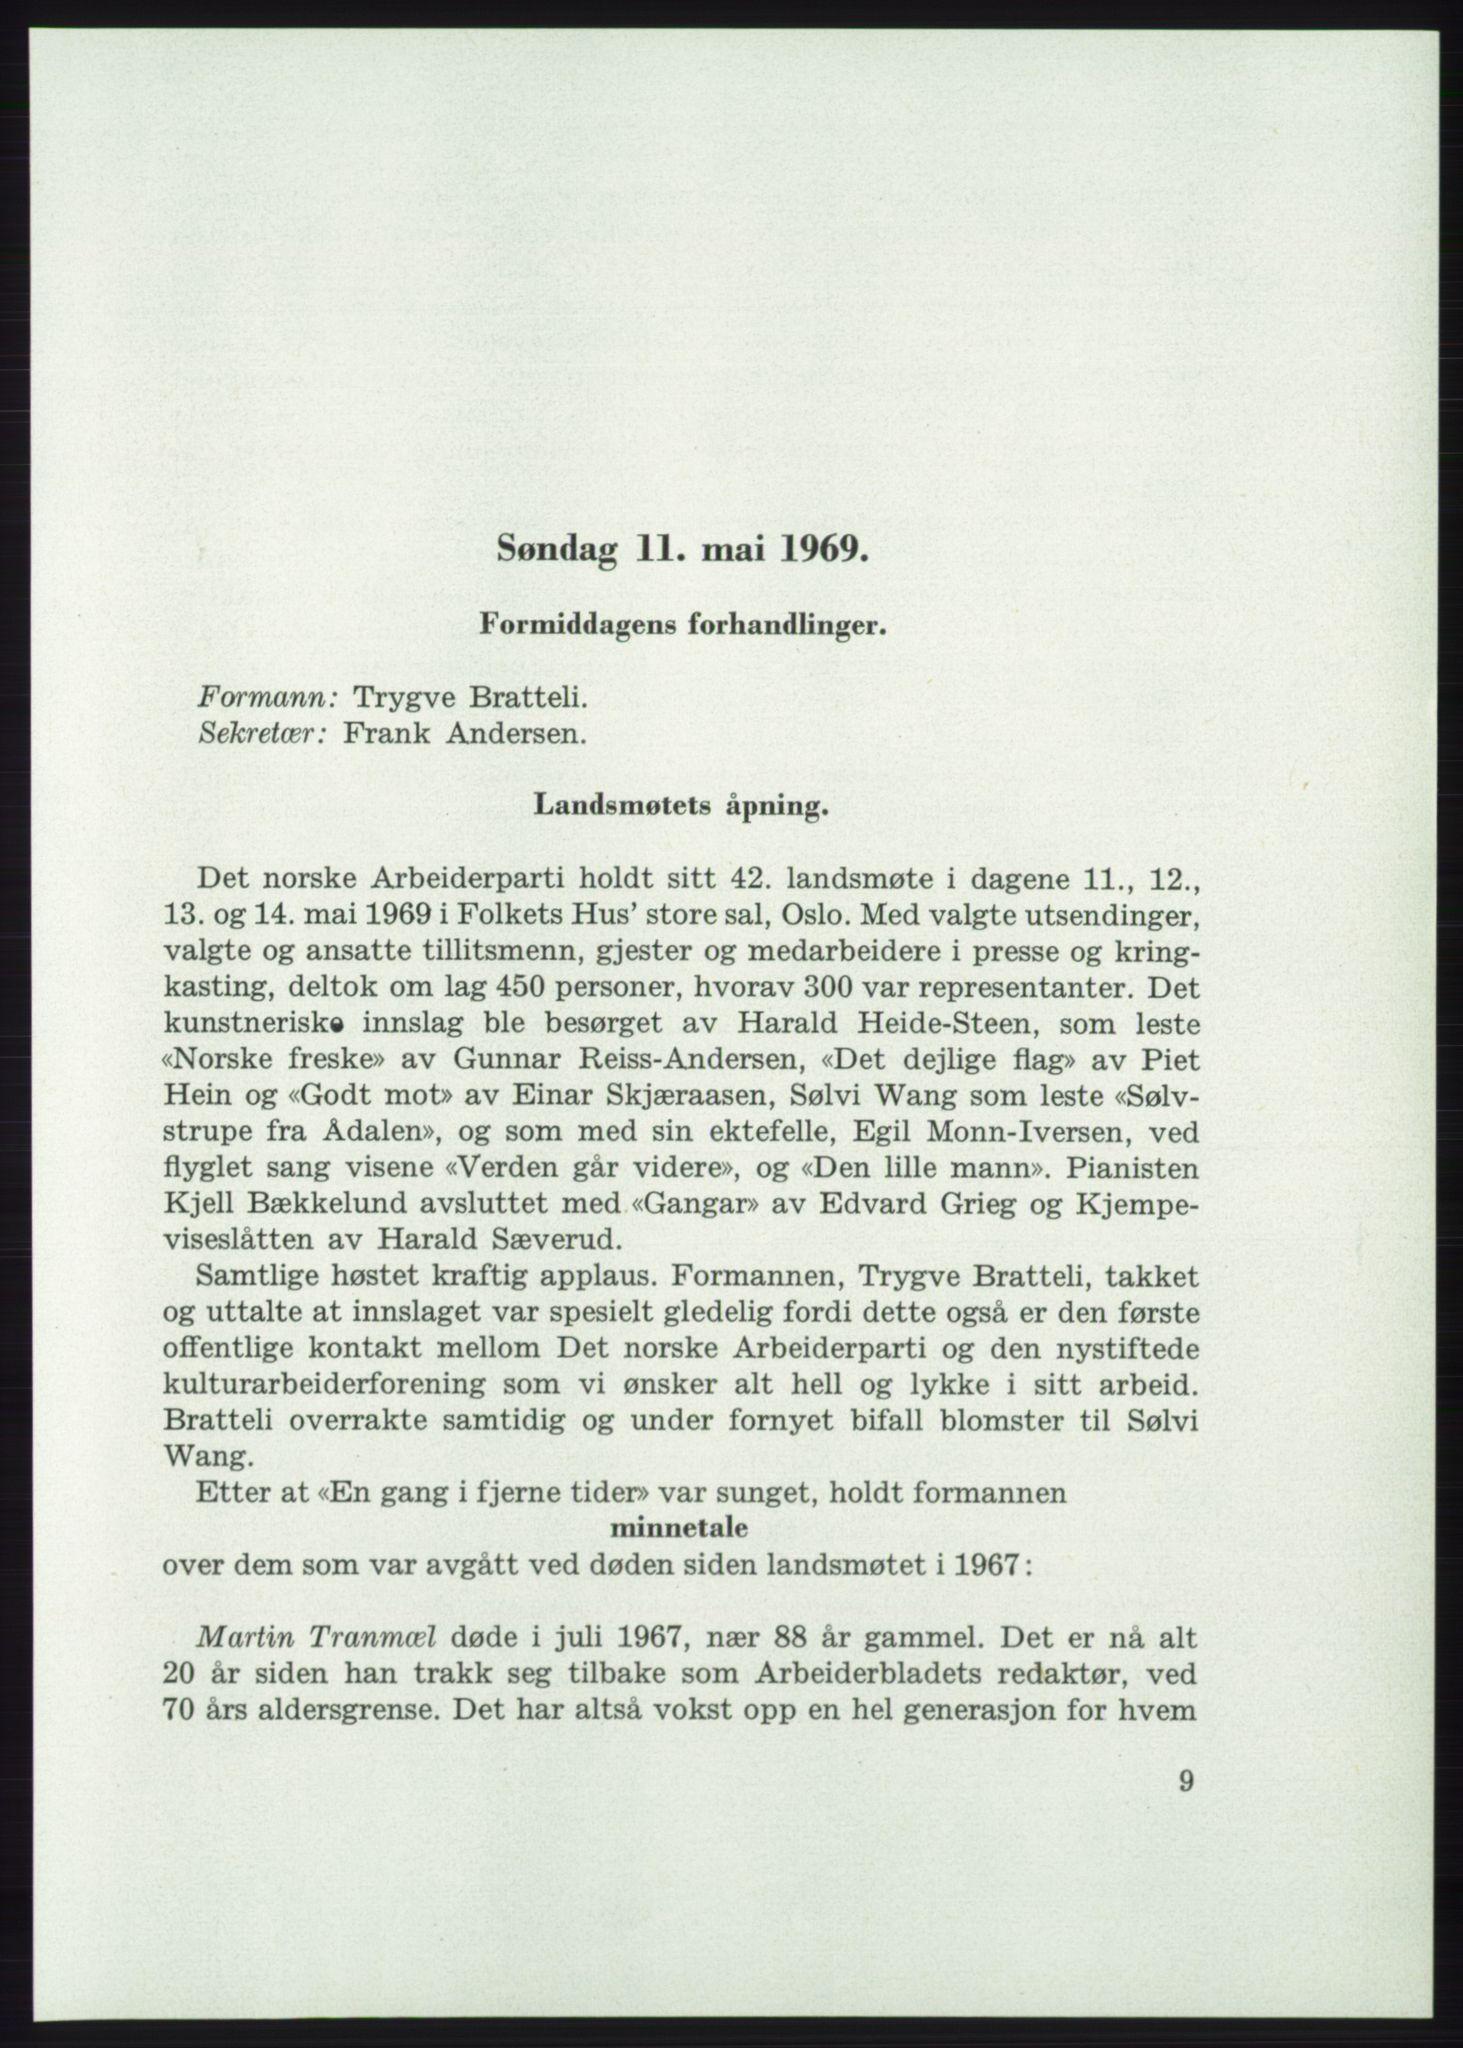 AAB, Det norske Arbeiderparti - publikasjoner, -/-: Protokoll over forhandlingene på det 42. ordinære landsmøte 11.-14. mai 1969 i Oslo, 1969, s. 9